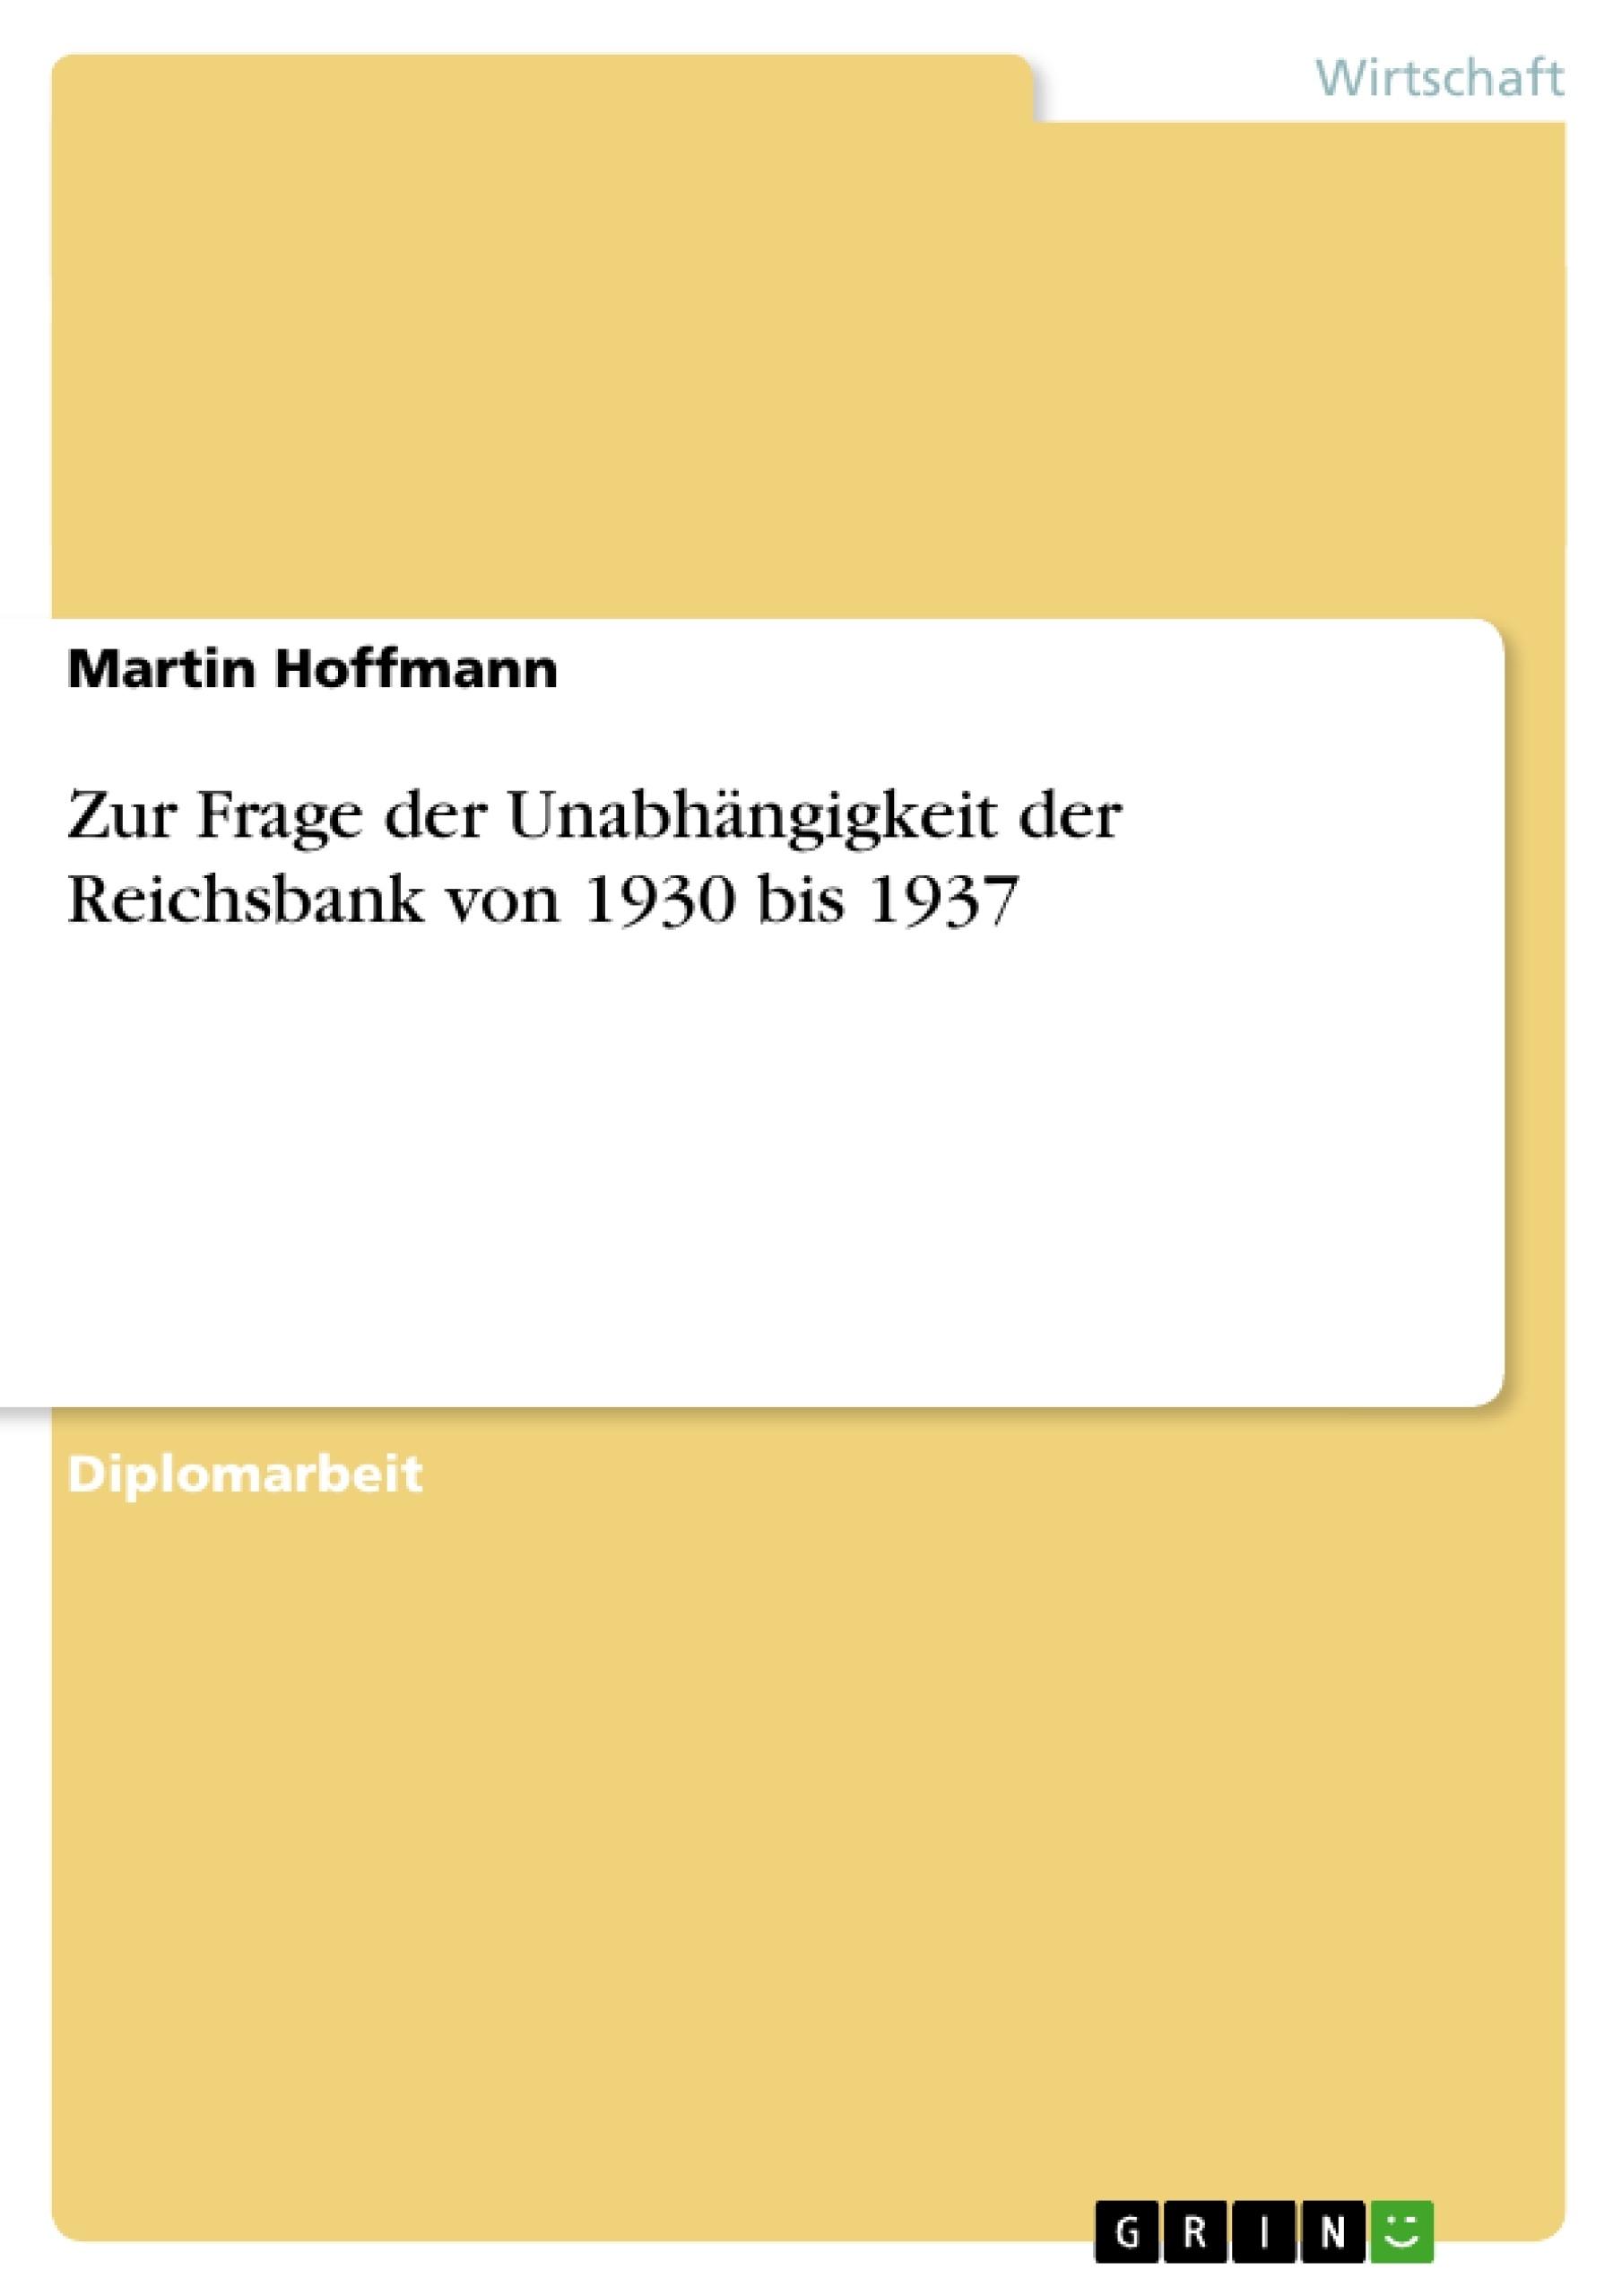 Titel: Zur Frage der Unabhängigkeit der Reichsbank von 1930 bis 1937